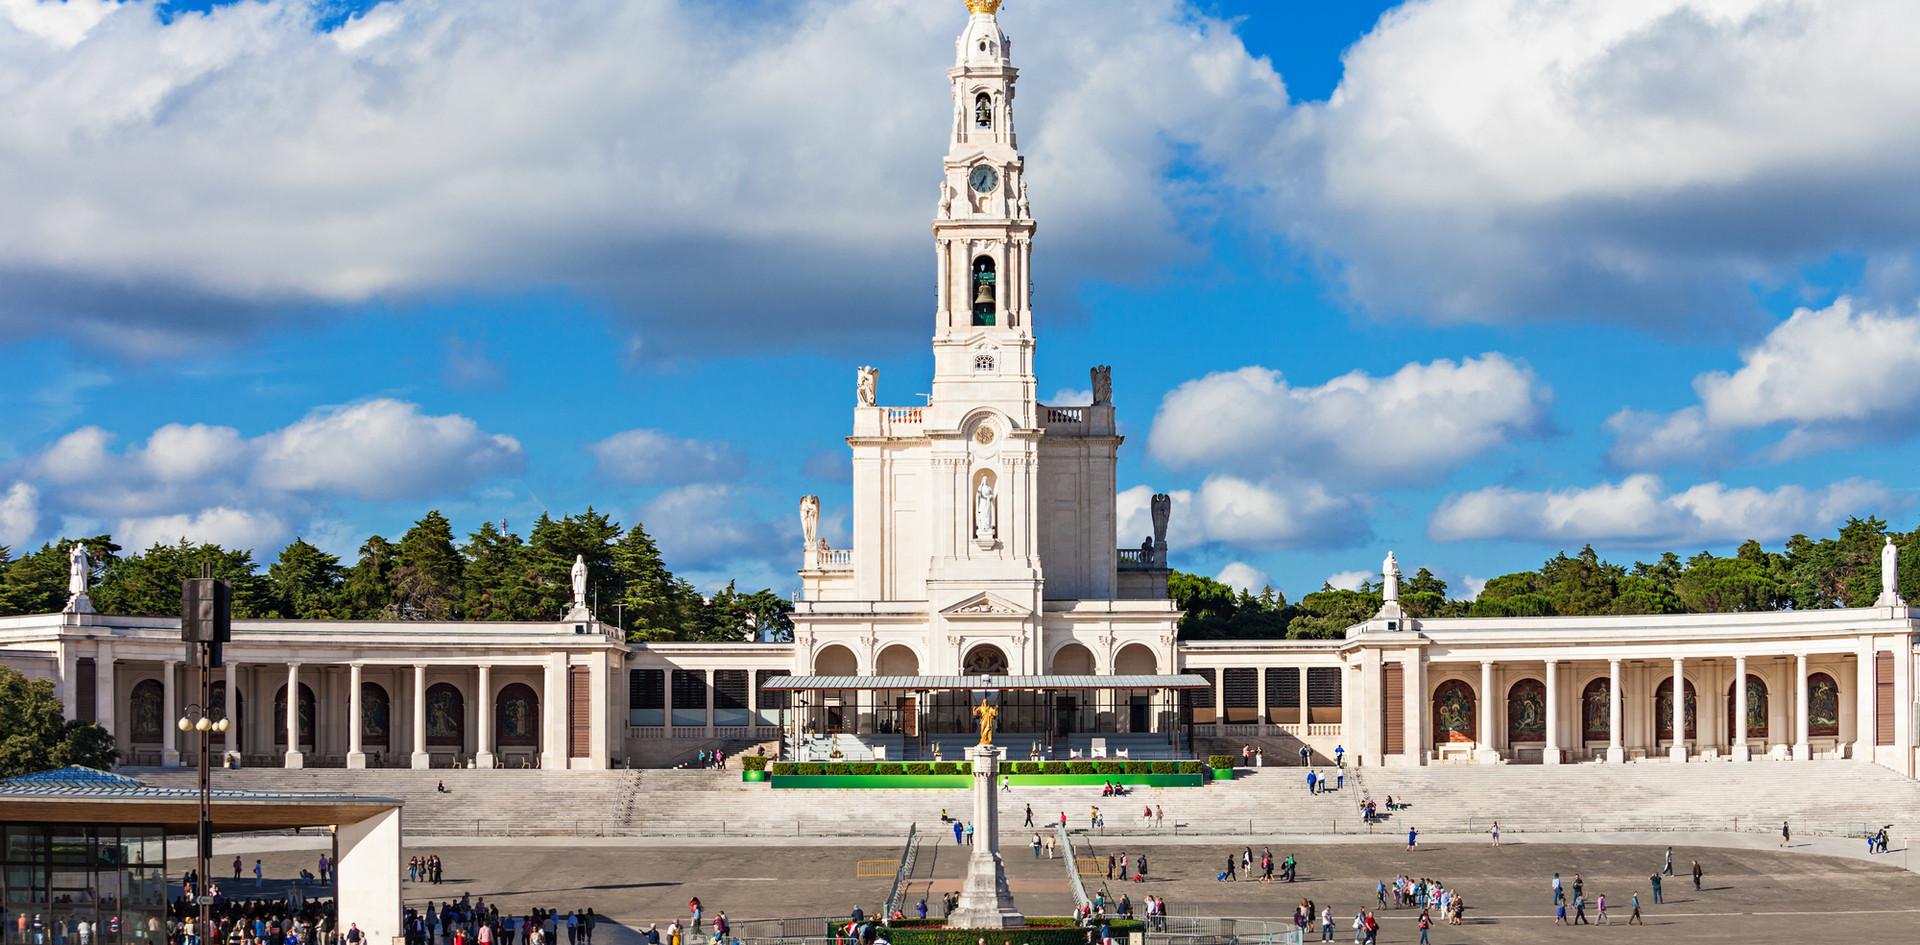 Fatima The Sanctuary of Fatima, which is